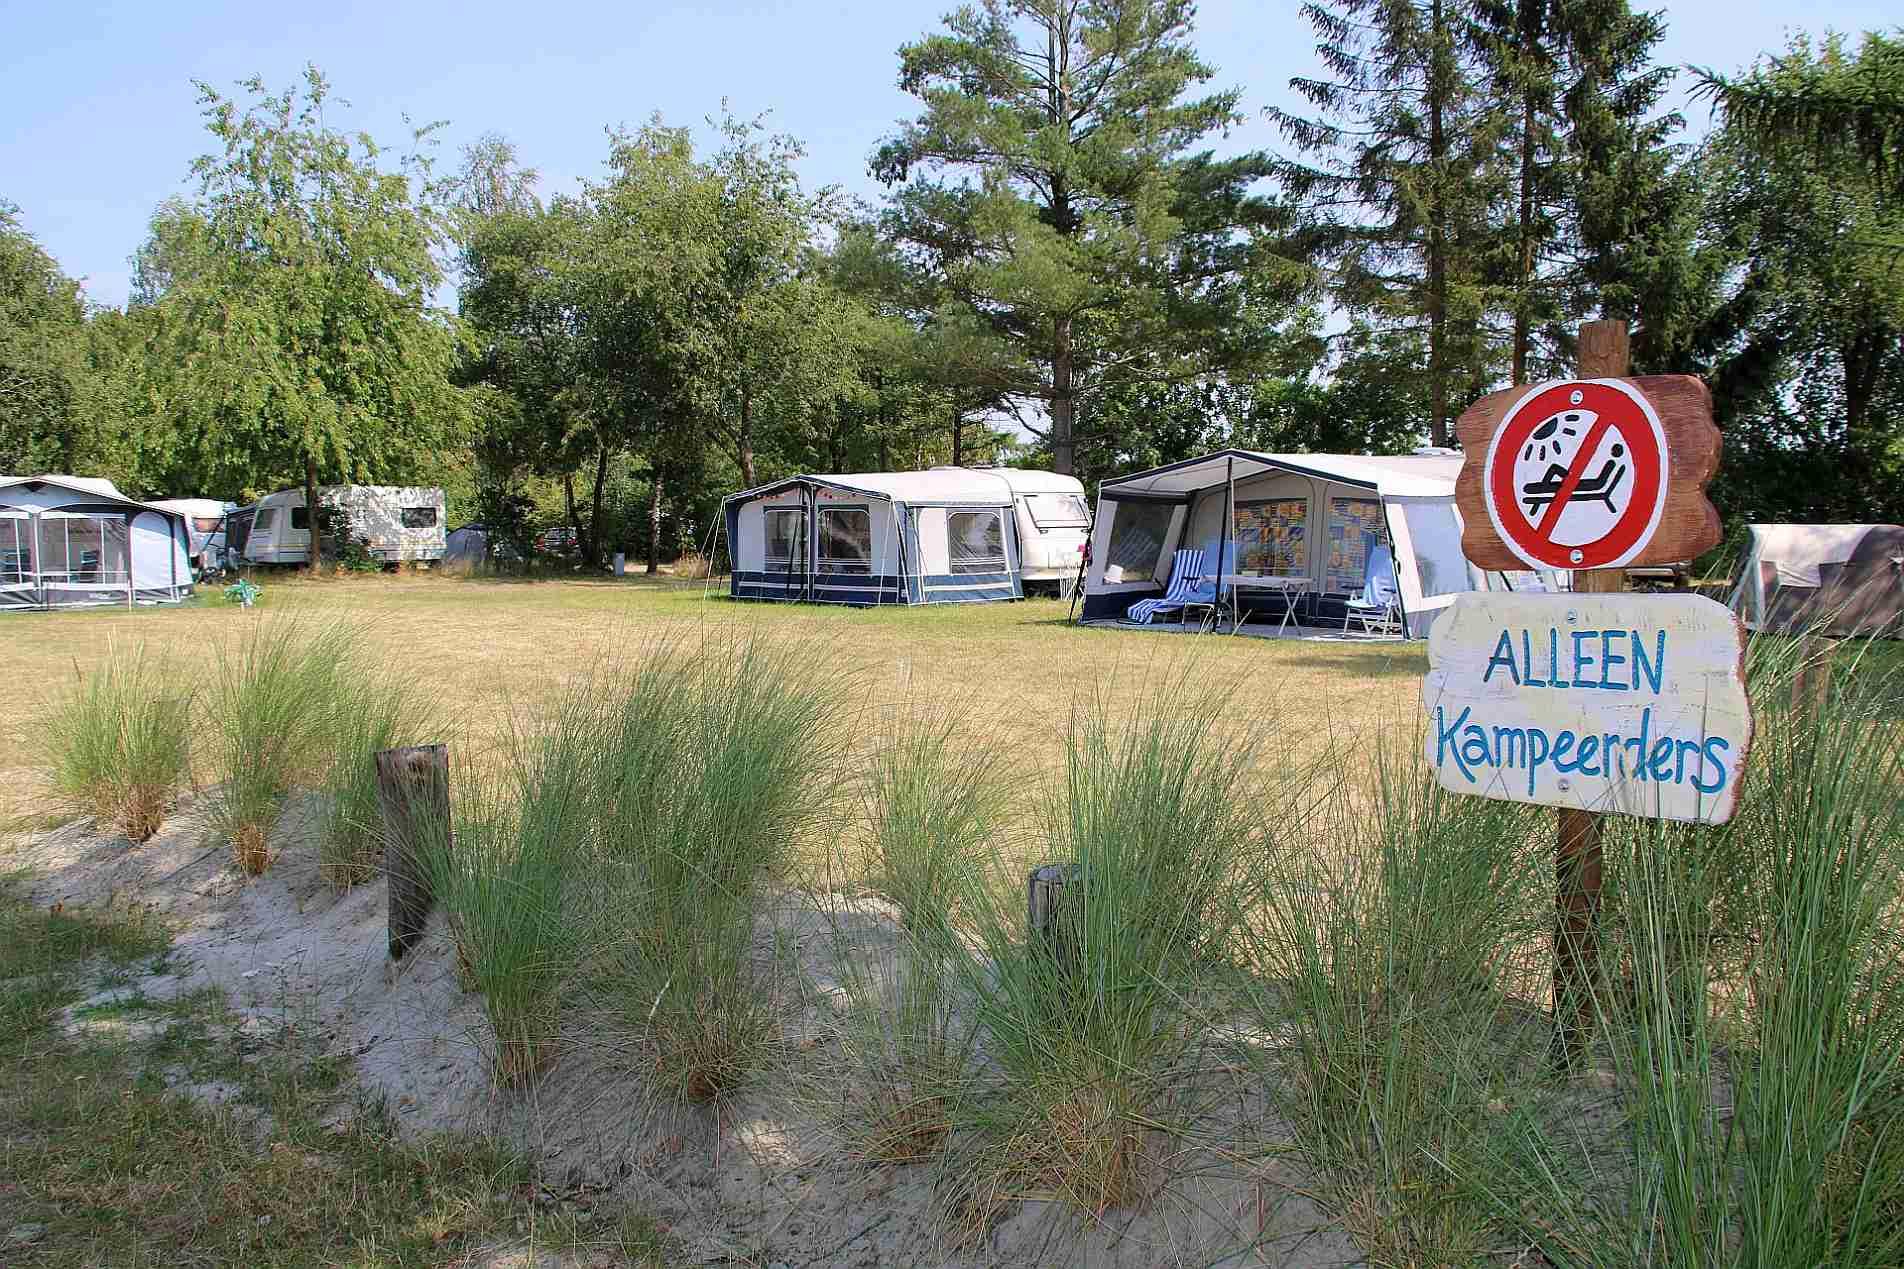 Kamperen aan het water in Overijssel - kamperen aan het water in Overijssel